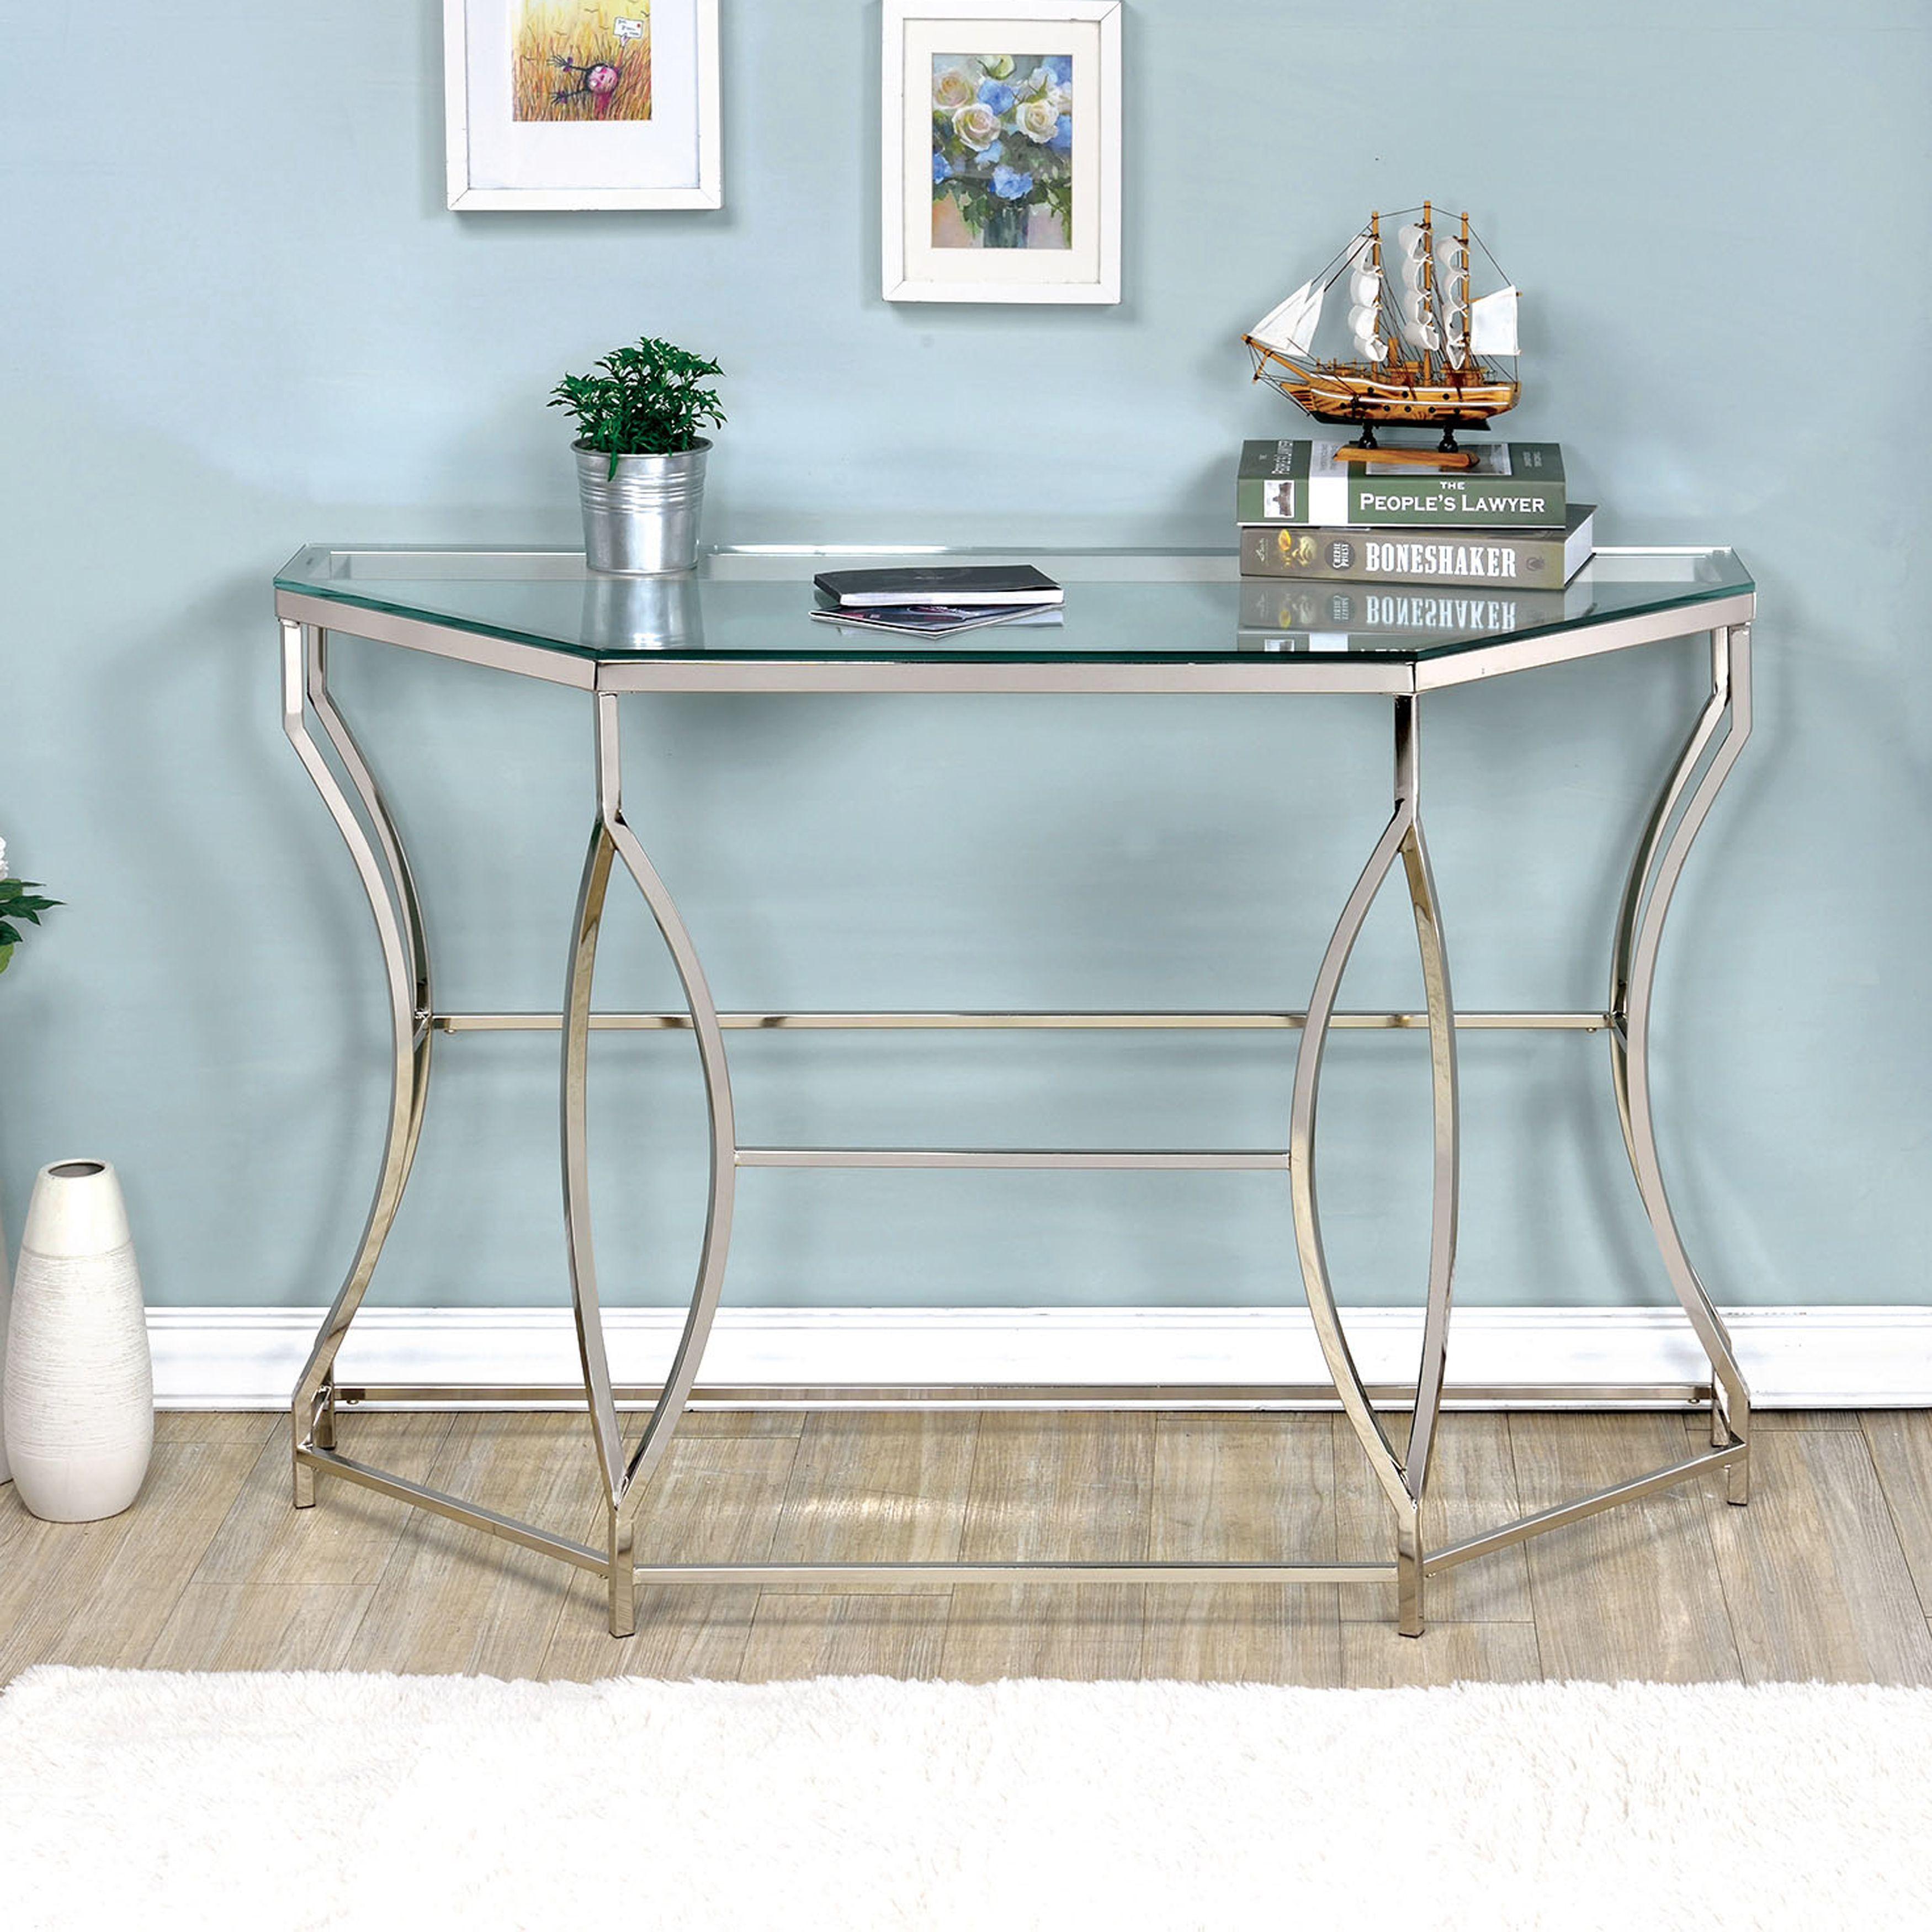 Furniture of America Martello Contemporary Chrome Glass Top Sofa